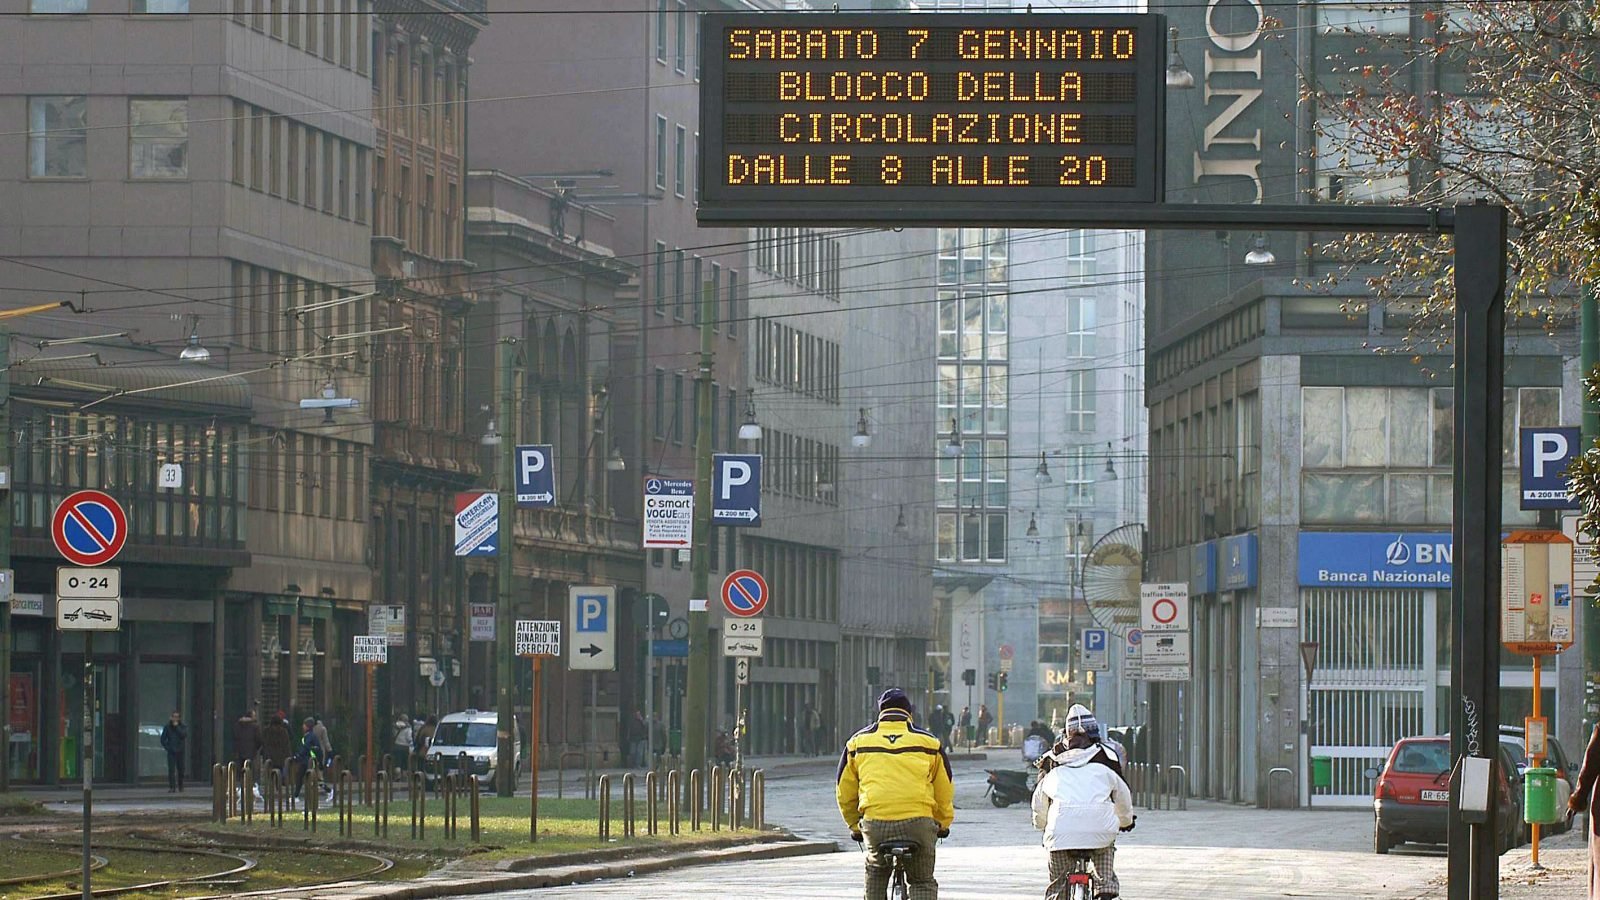 Blocco della circolazione a causa dell'inquinamento (fonte: Imagoeconomica)